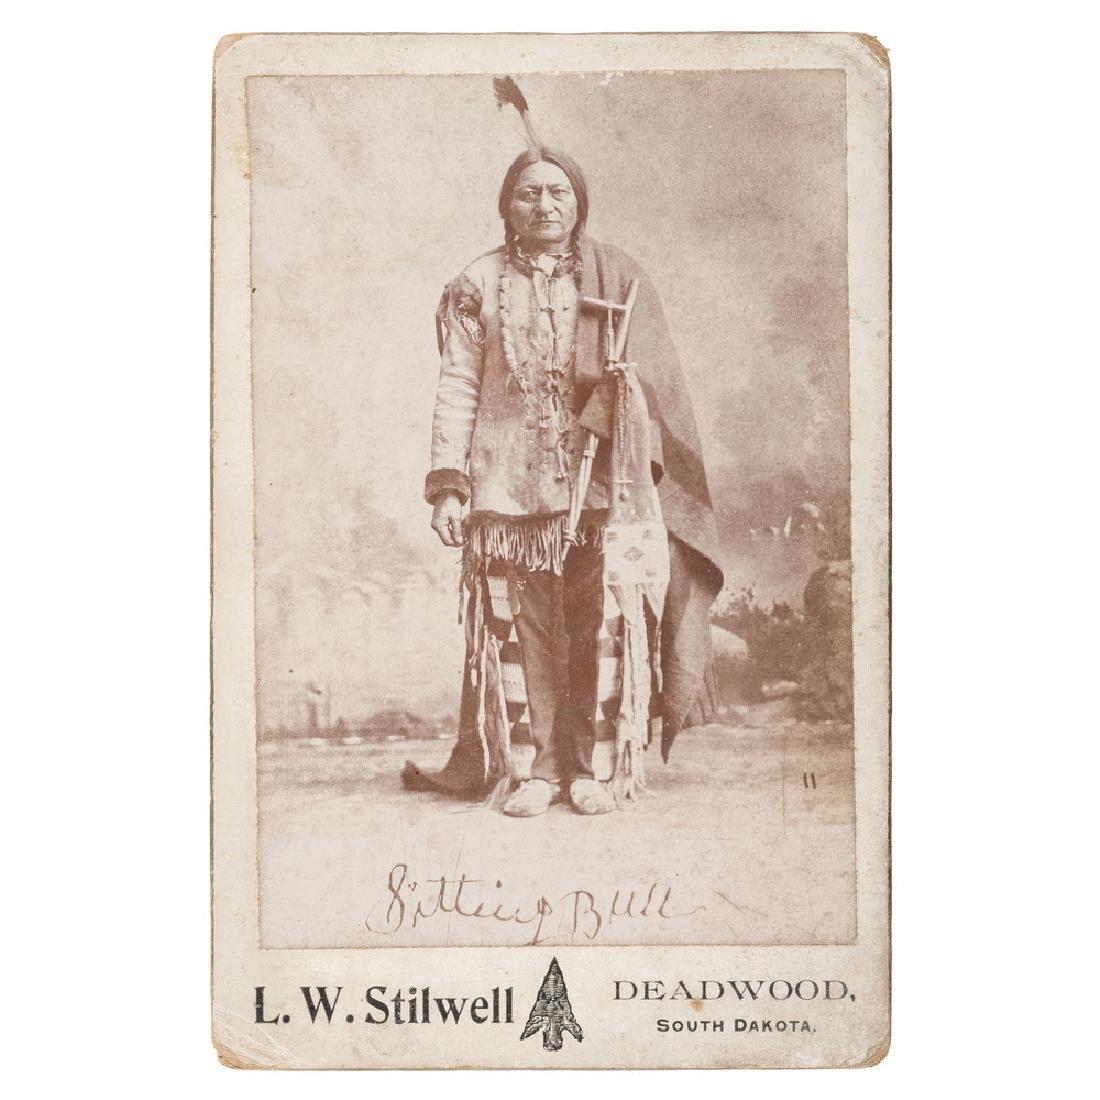 Sitting Bull Cabinet Card by L.W. Stilwell